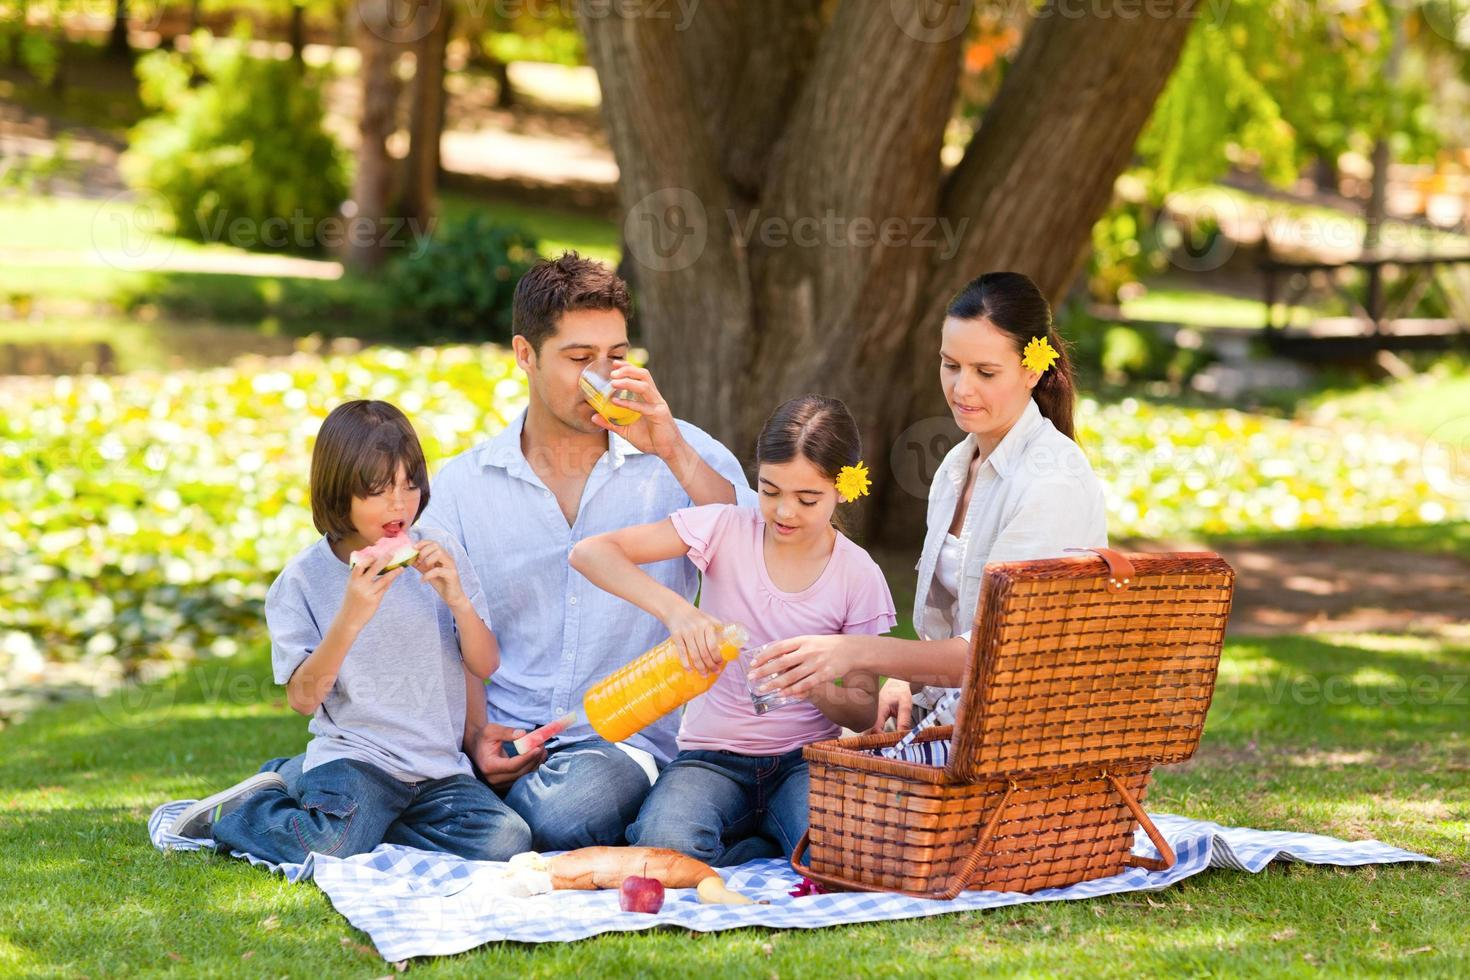 familia encantadora de picnic en el parque foto